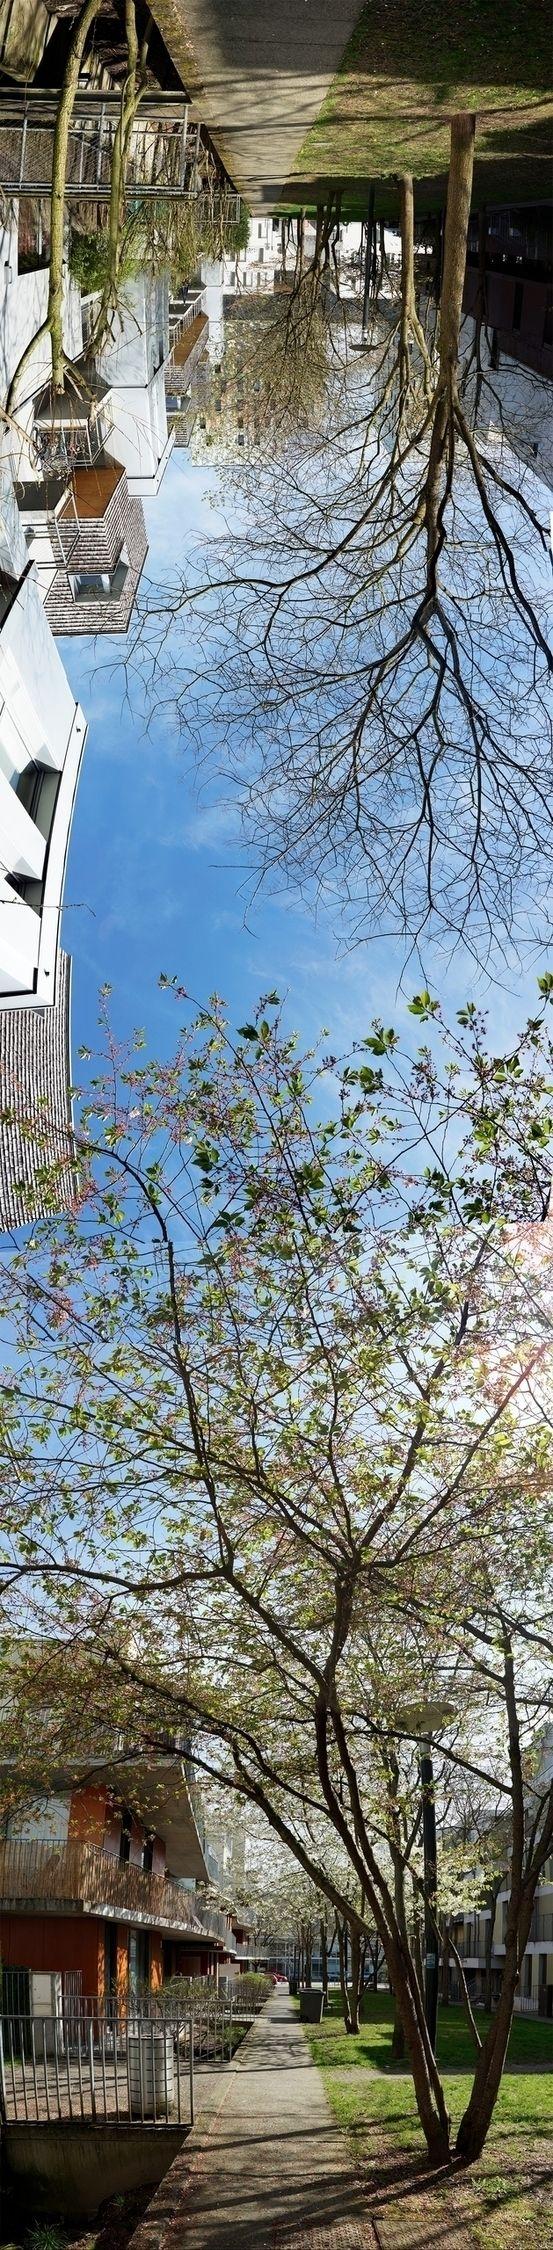 Bois Habité, quartier de Lille - gclavet | ello